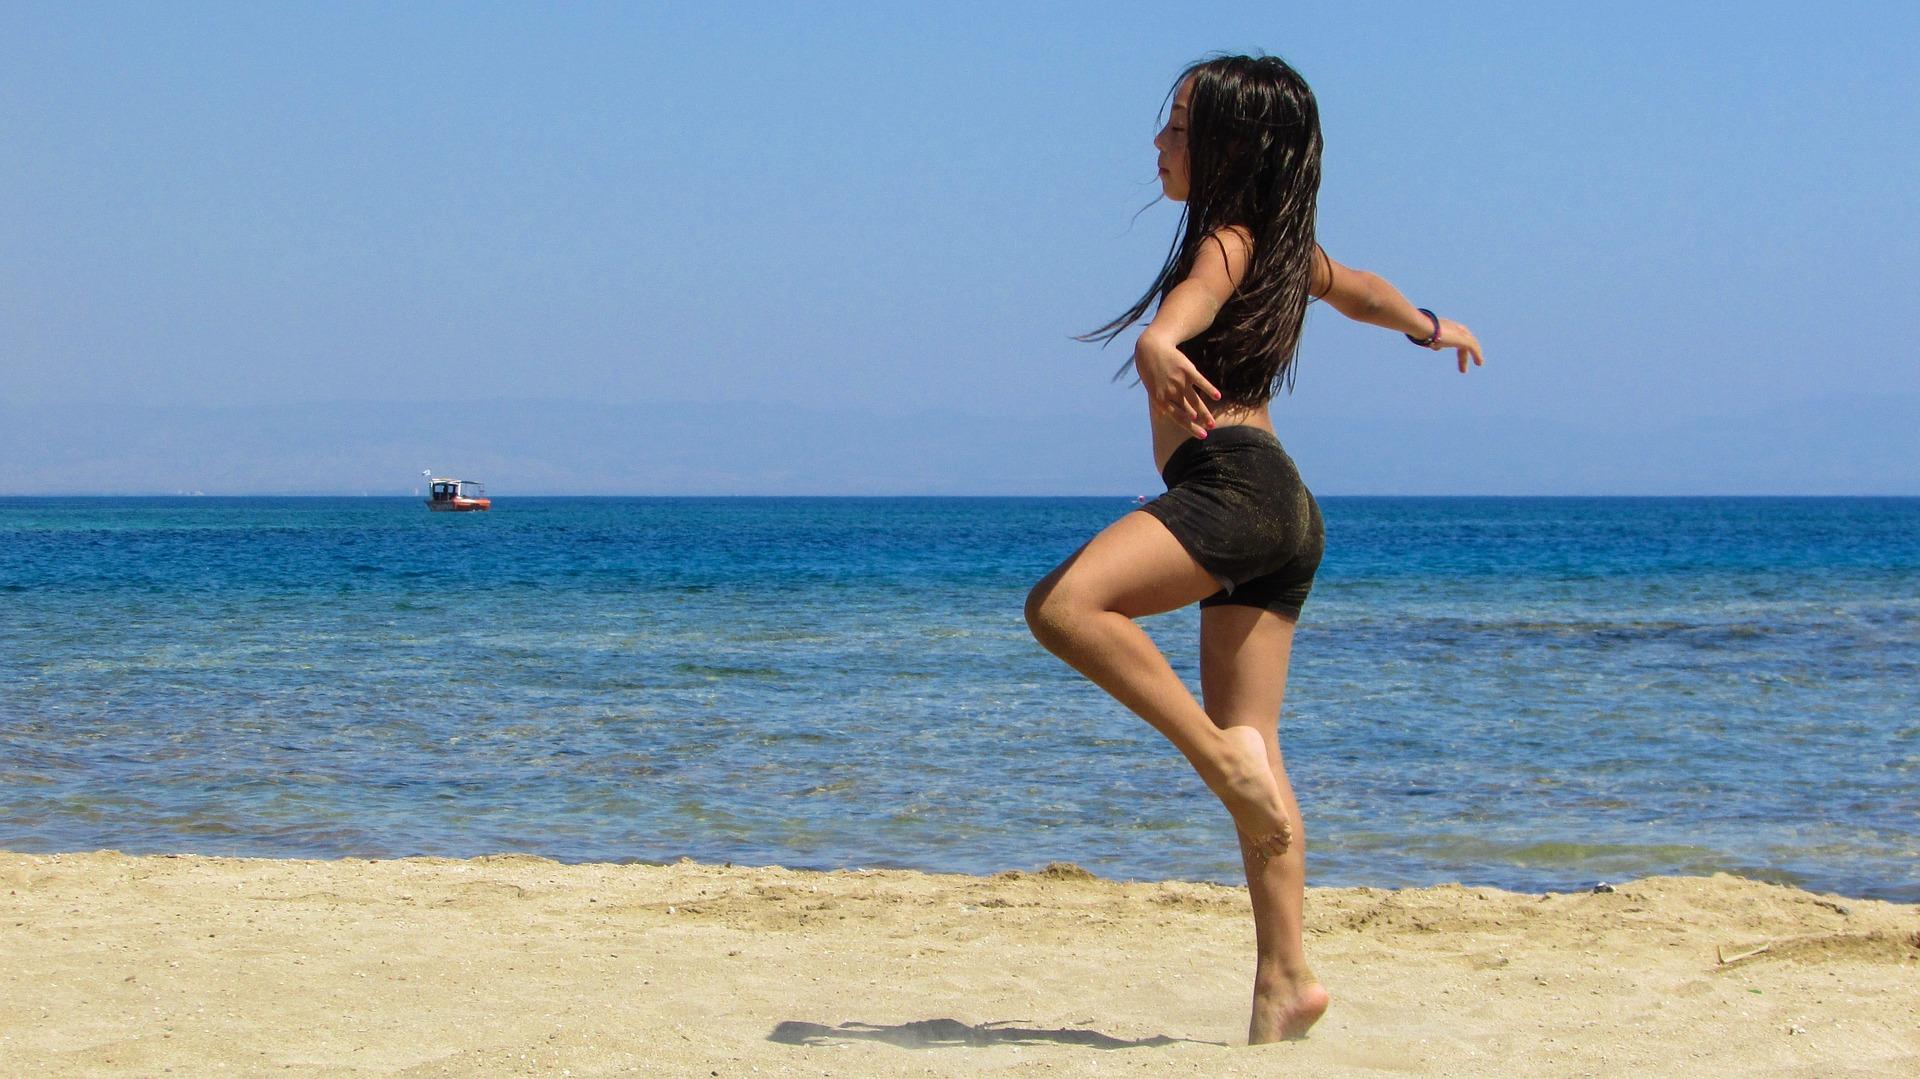 girl dancing on the beach by ocean